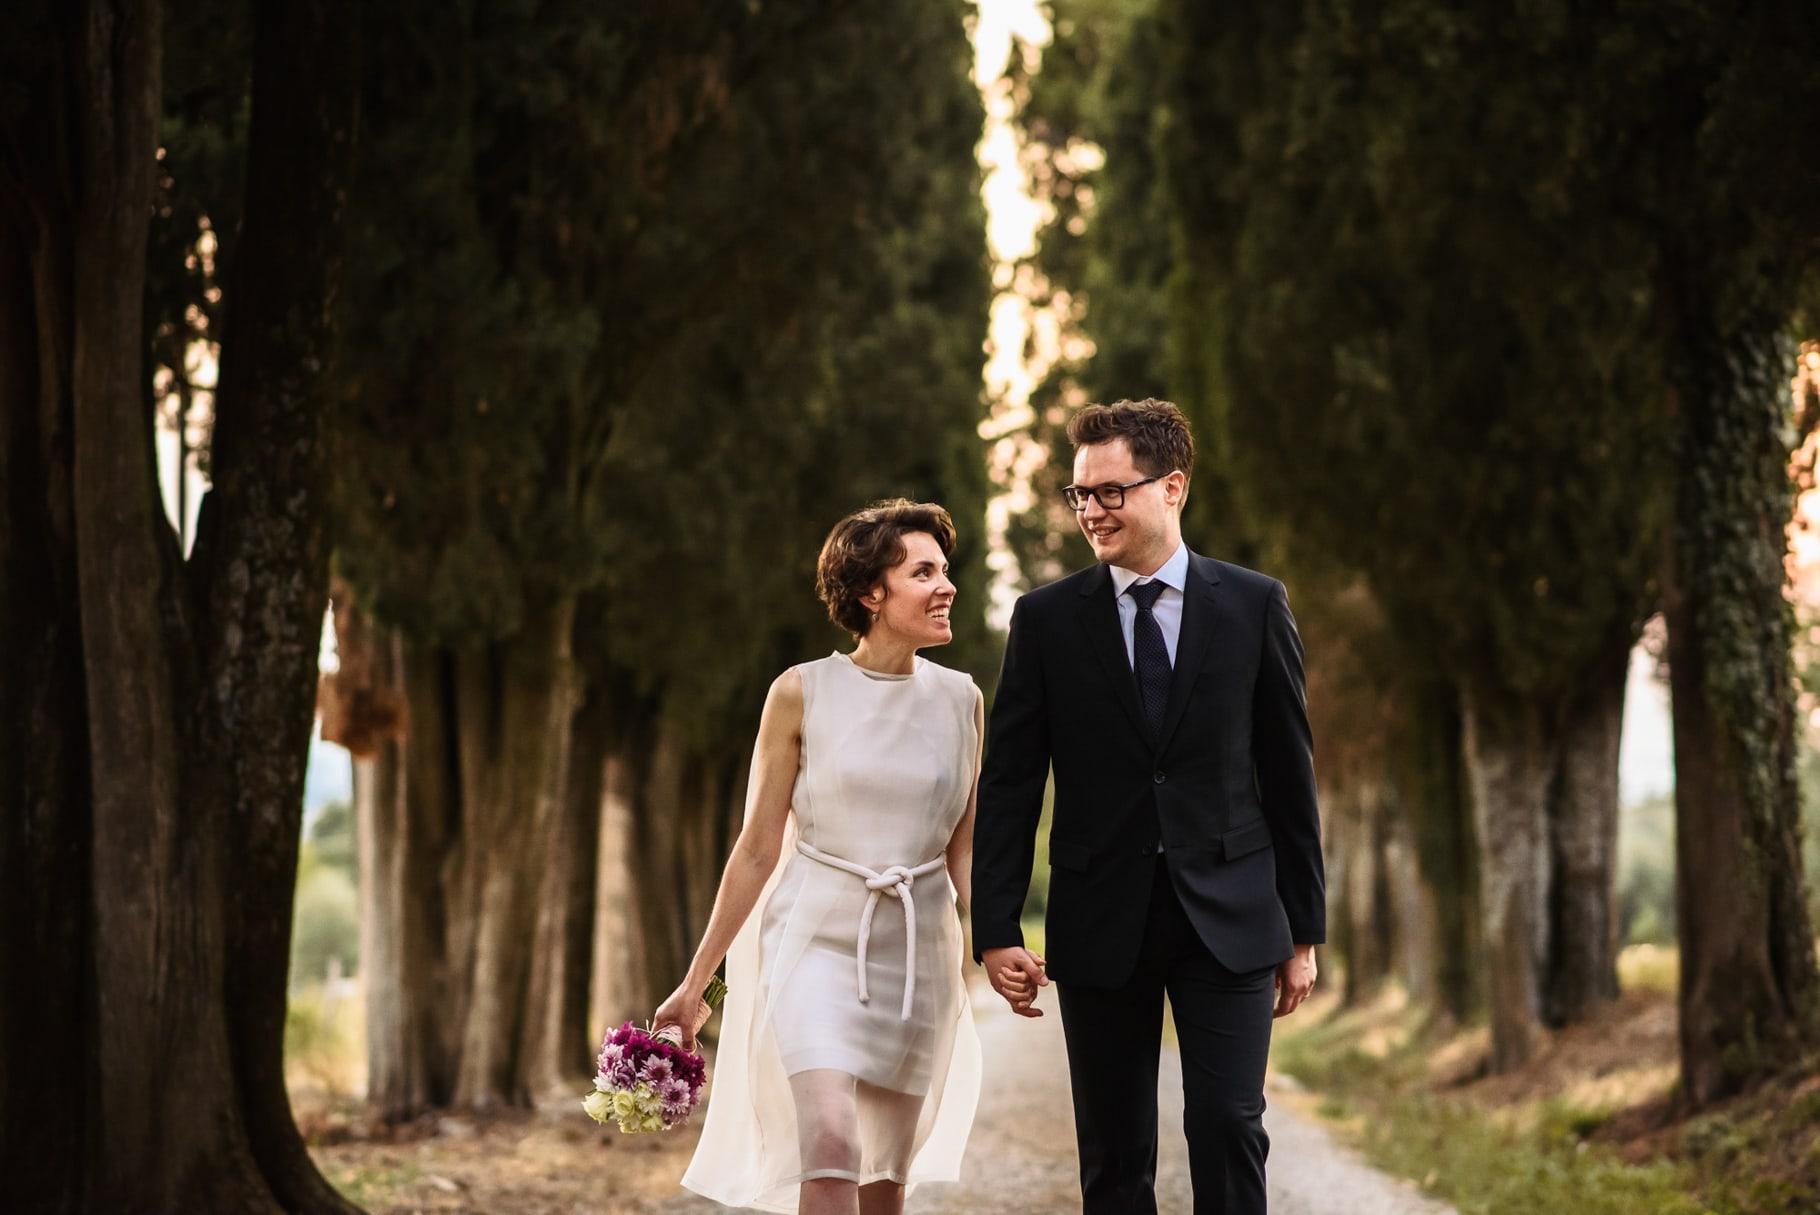 passeggiata degli sposi dopo la cerimonia di matrimonio in toscana